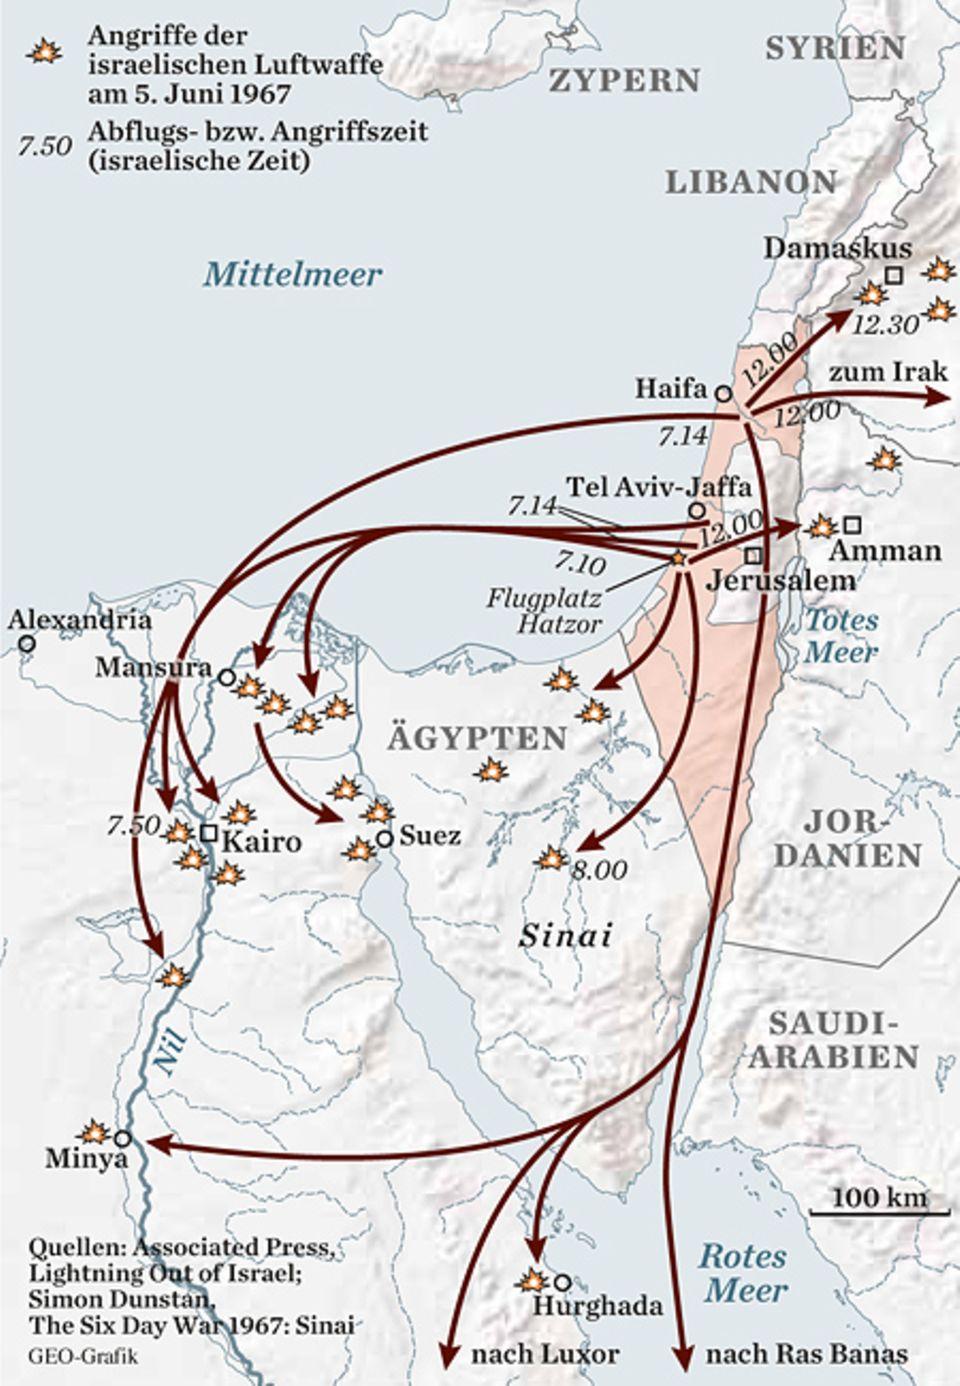 Der erste Schlag: Am Morgen des 5. Juni greifen 183 israelische Kampfjets ihre arglosen Gegner an. Damit das Radar sie nicht entdeckt, fliegen sie nur 15 Meter hoch